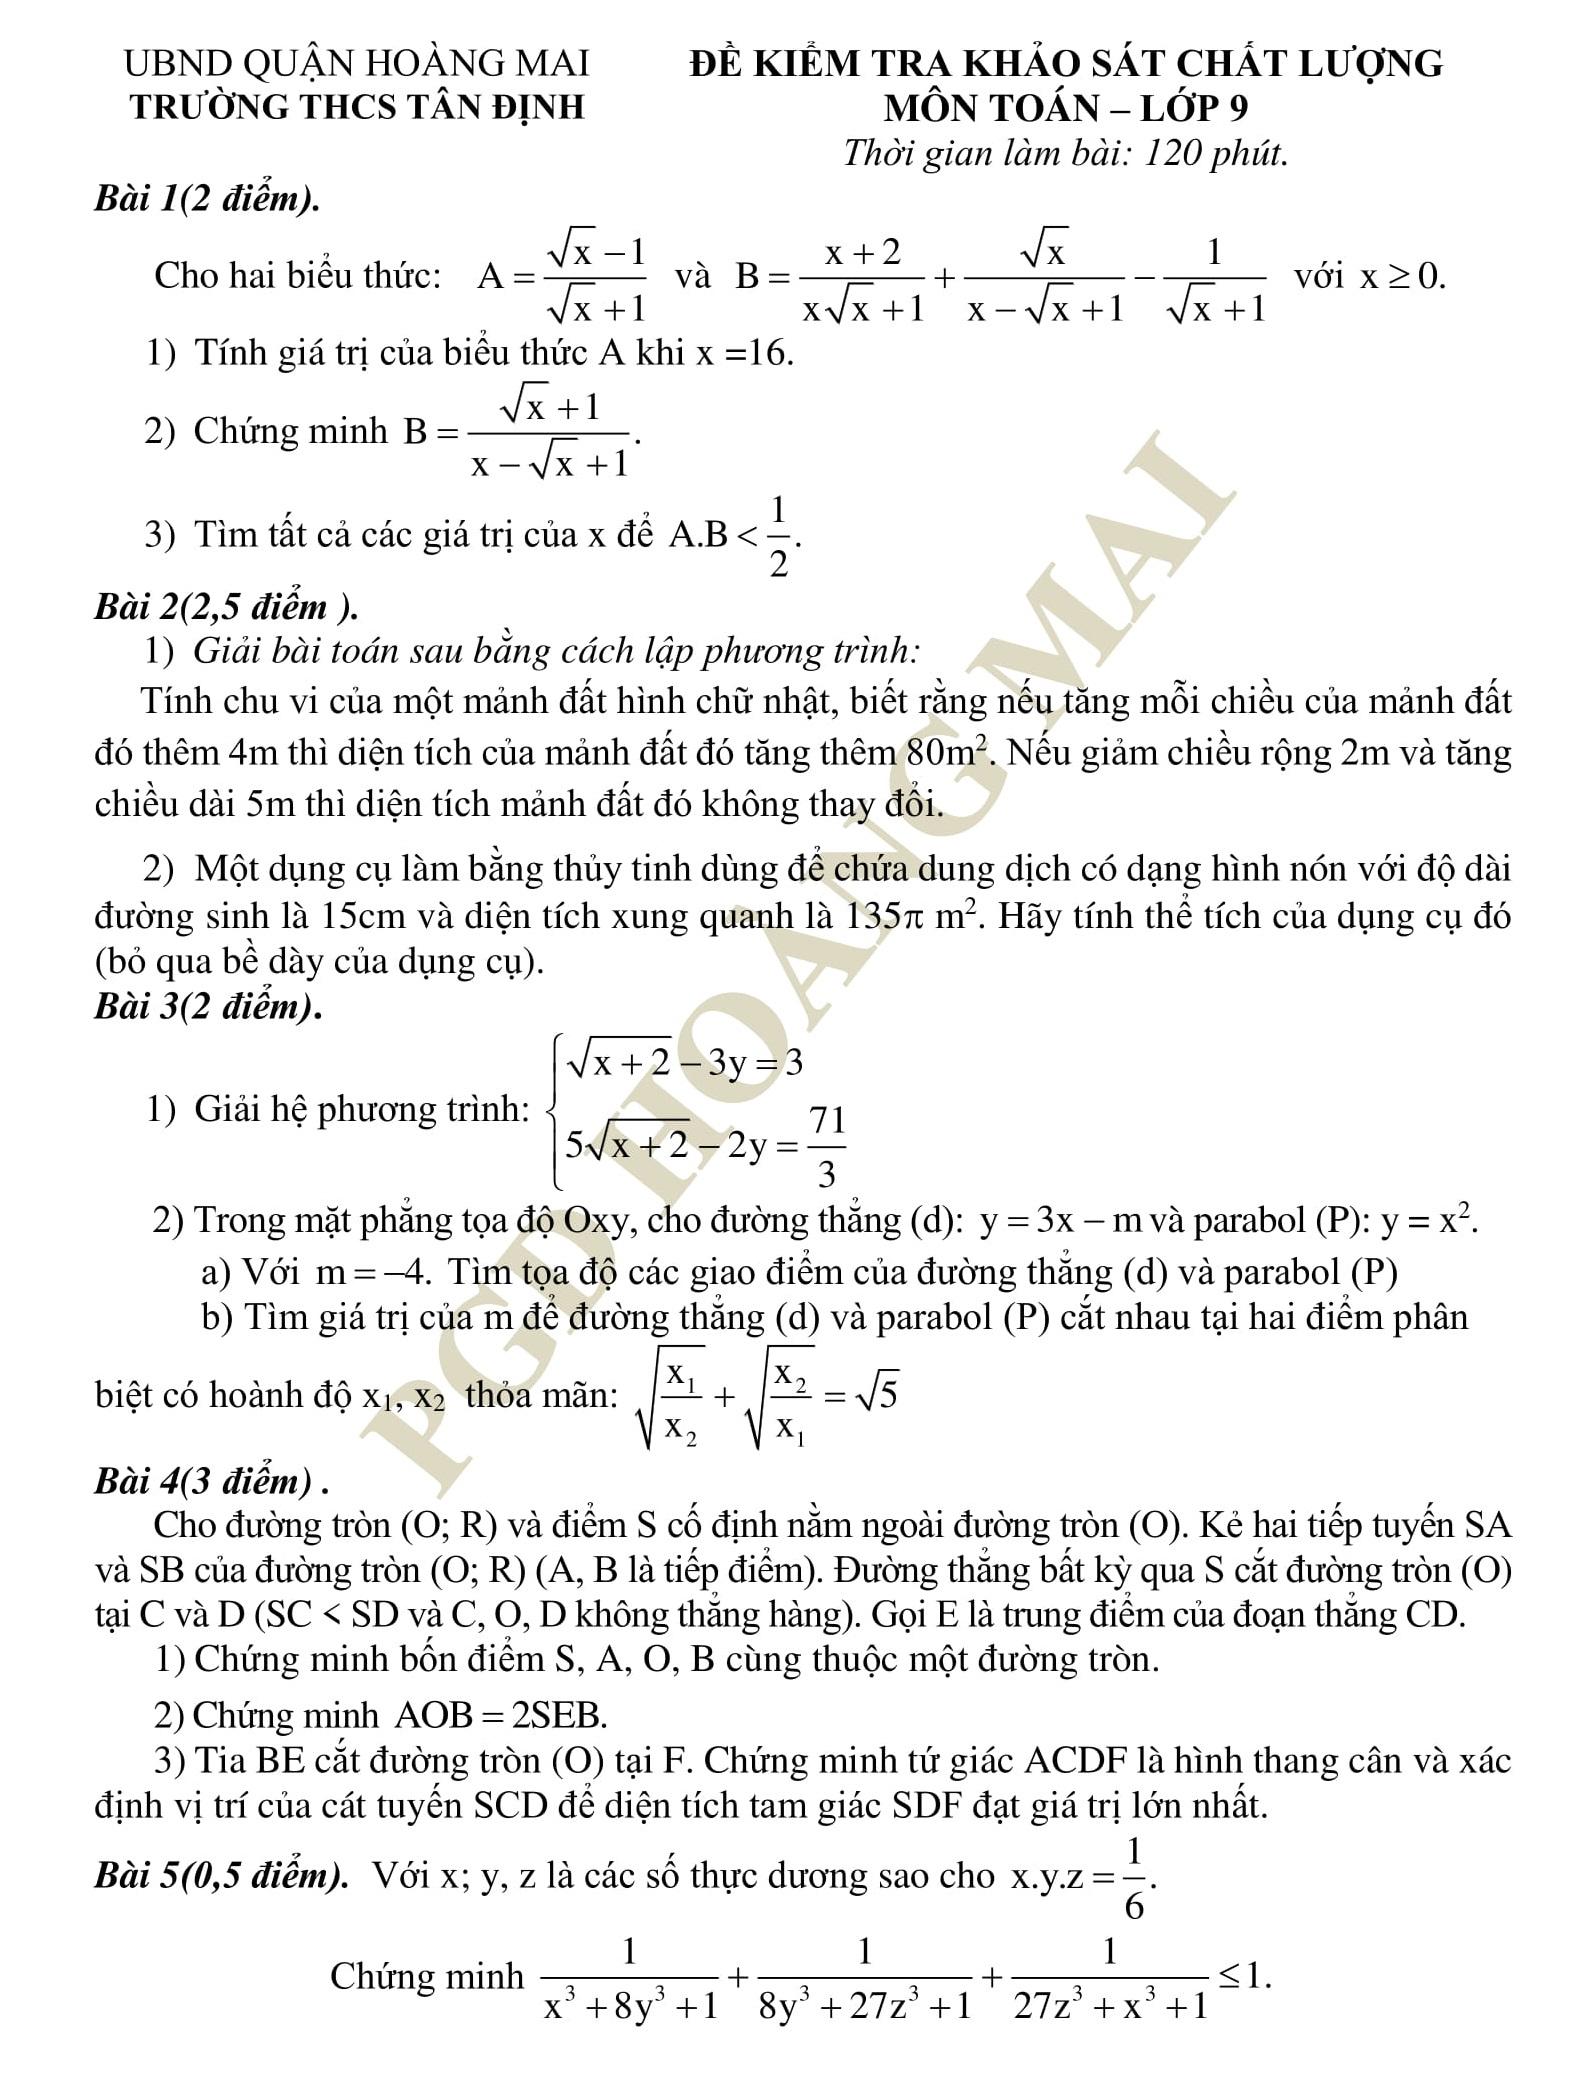 15 Đề thi khảo chất lượng HK2 toán 9 tổng hợp qua các năm